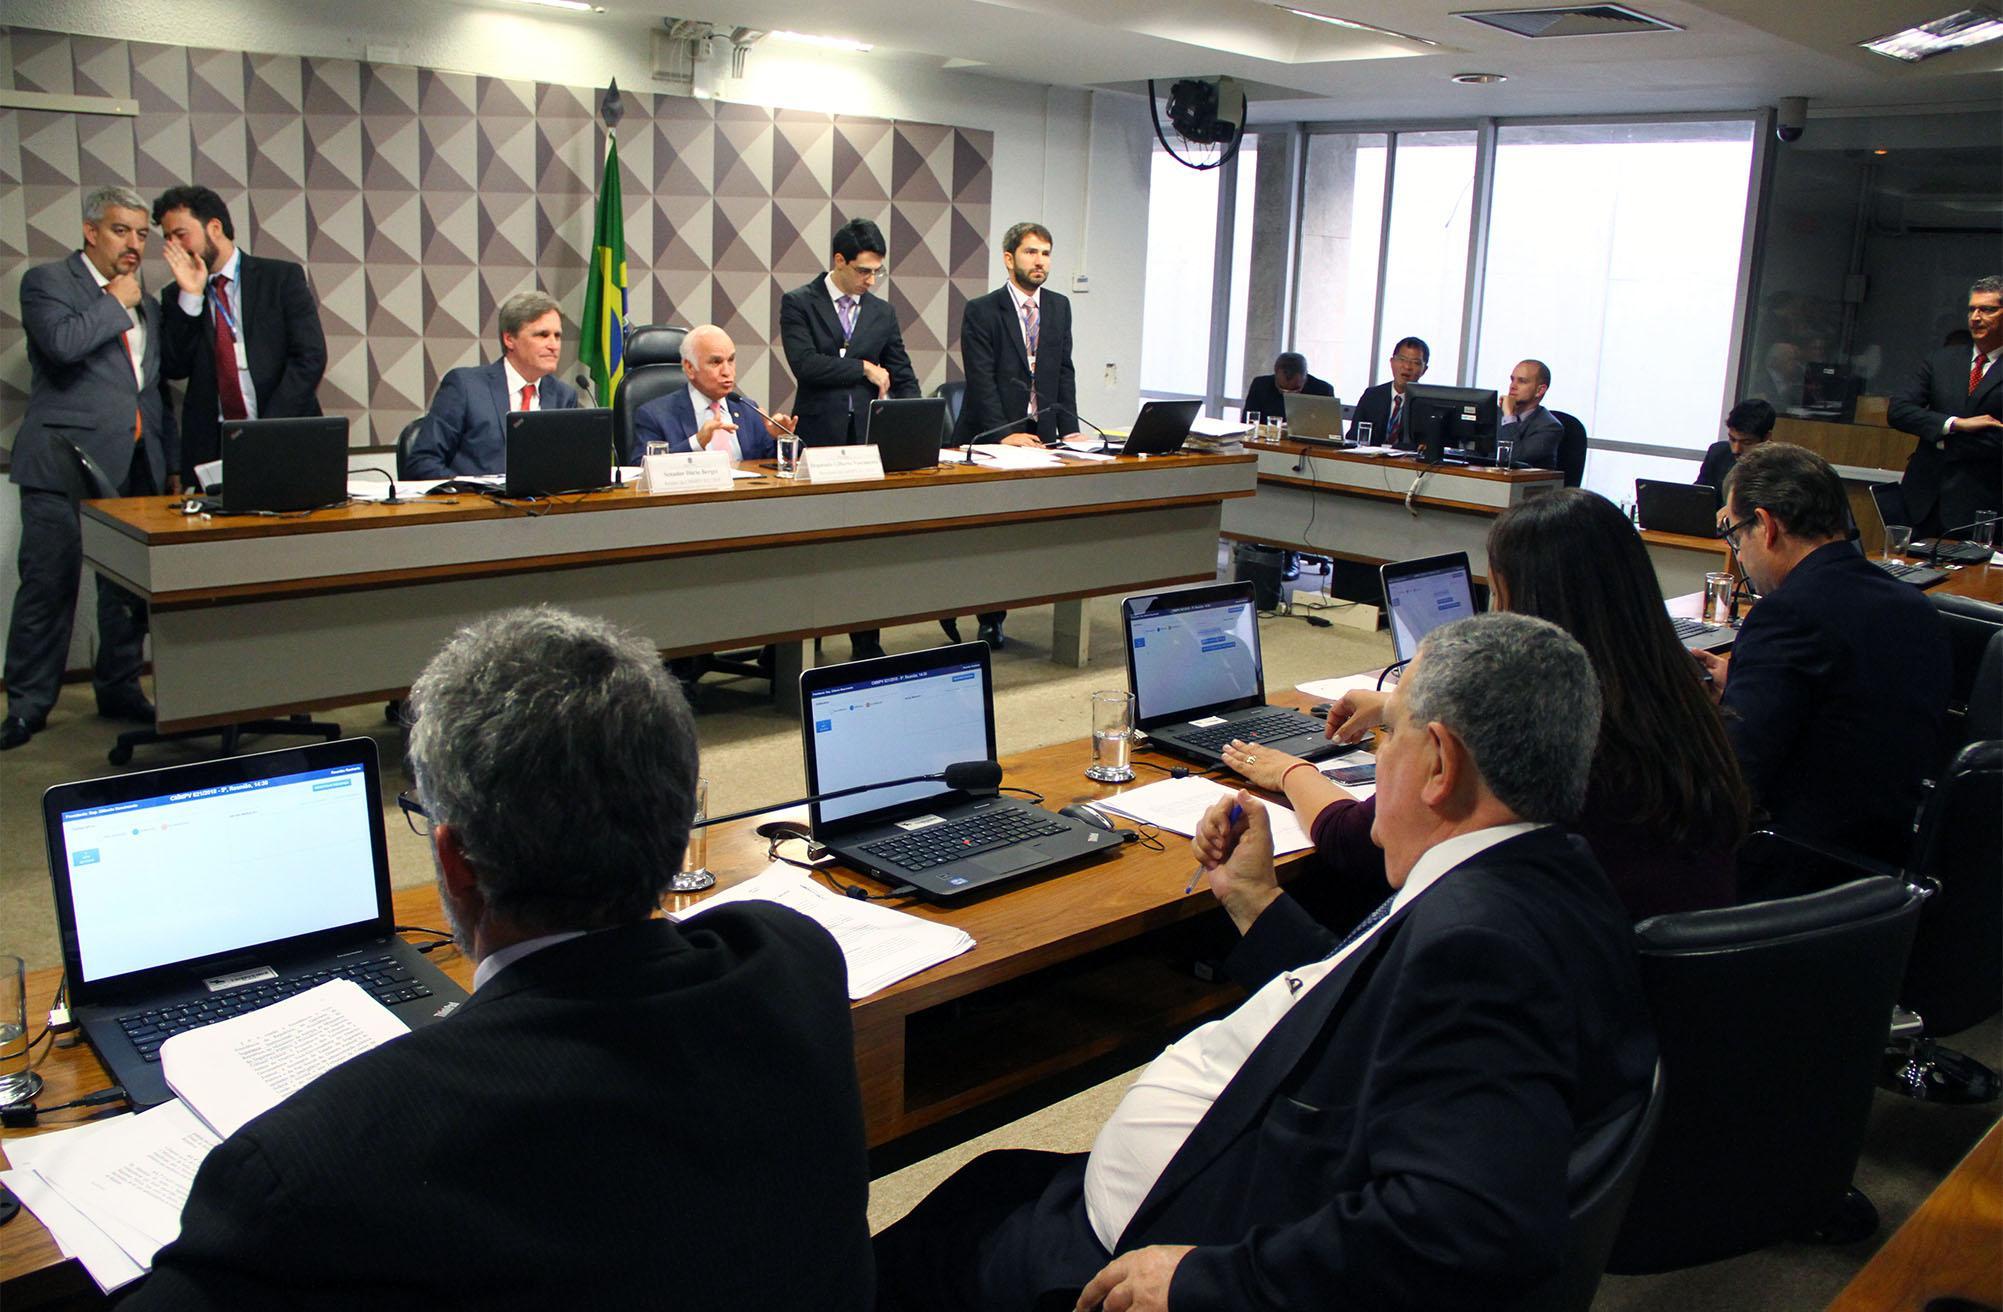 Audiência pública sobre a MP 821/18, que dispõe sobre organização básica da Presidência da República e dos Ministérios, para criar o Ministério Extraordinário da Segurança Pública